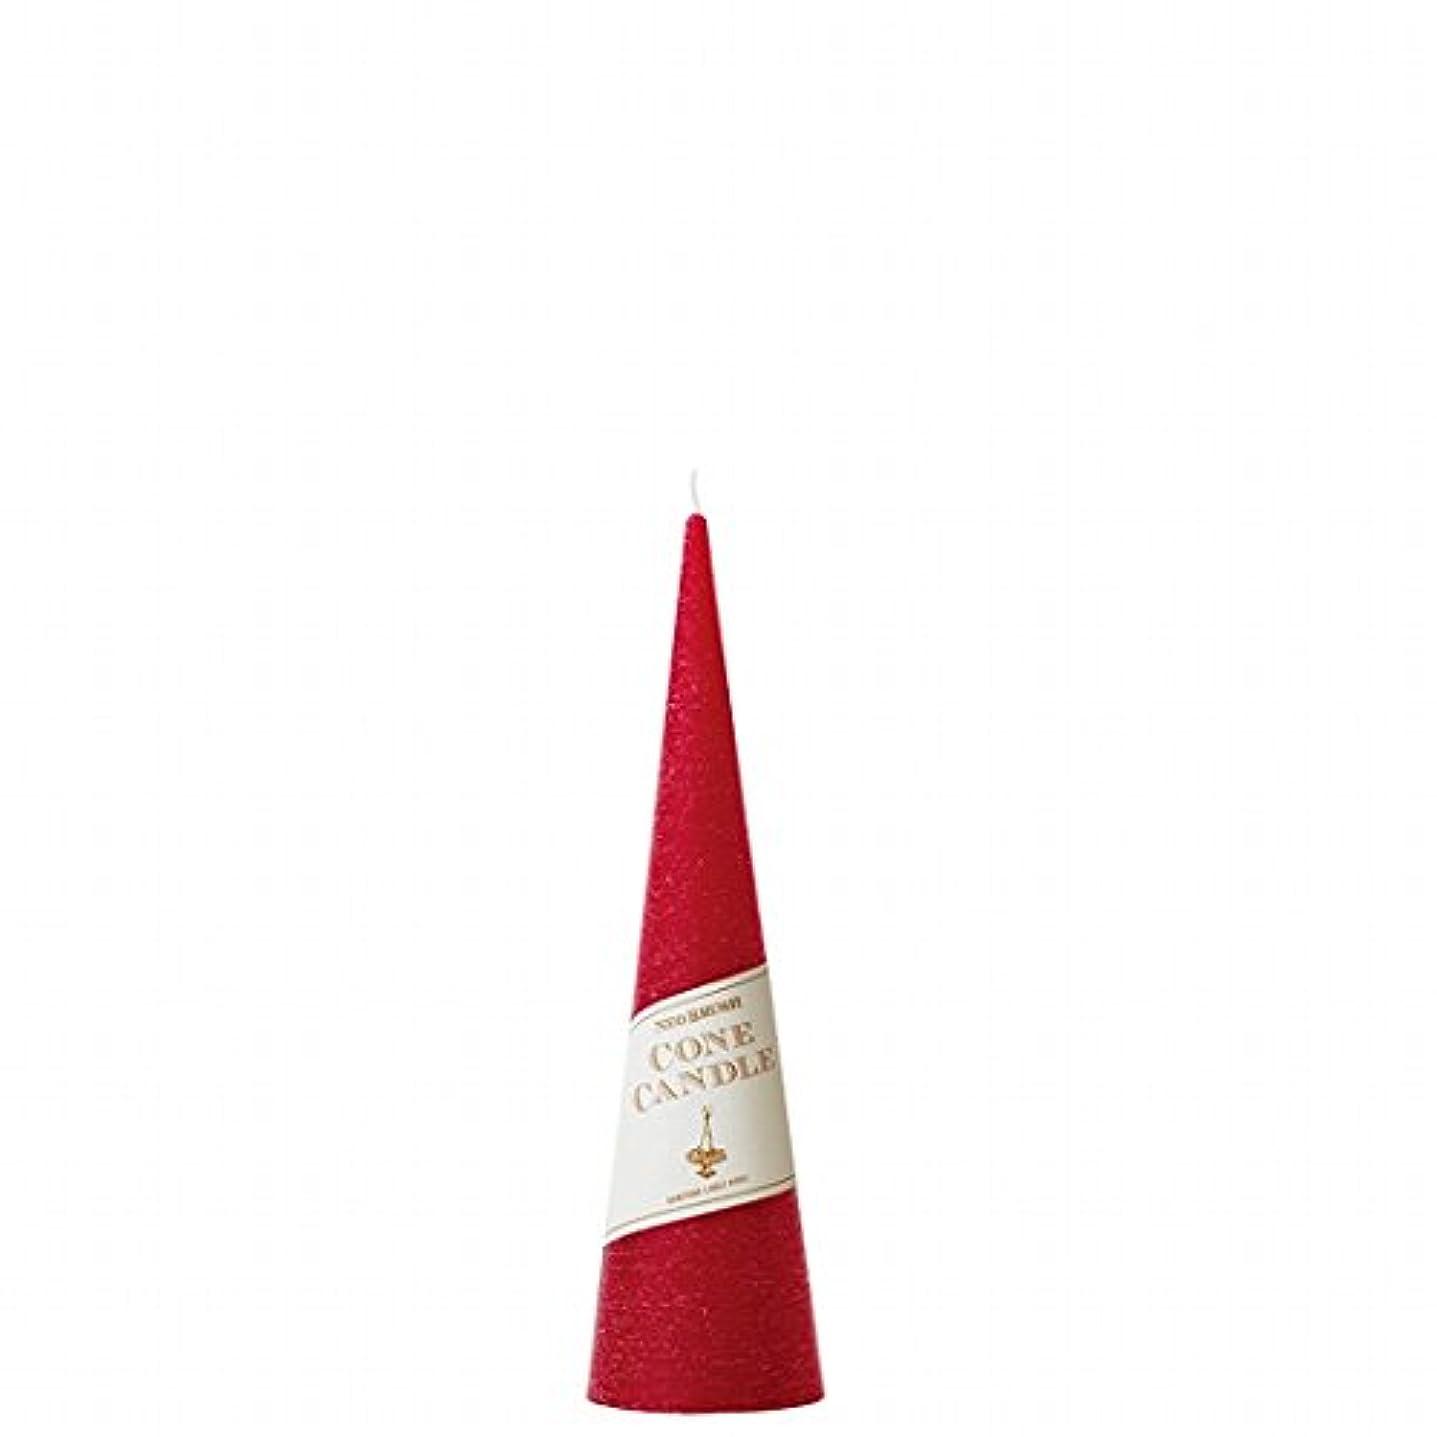 インシデント巻き取り間違えたカメヤマキャンドル(kameyama candle) ネオブラッシュコーン 180 キャンドル 「 レッド 」